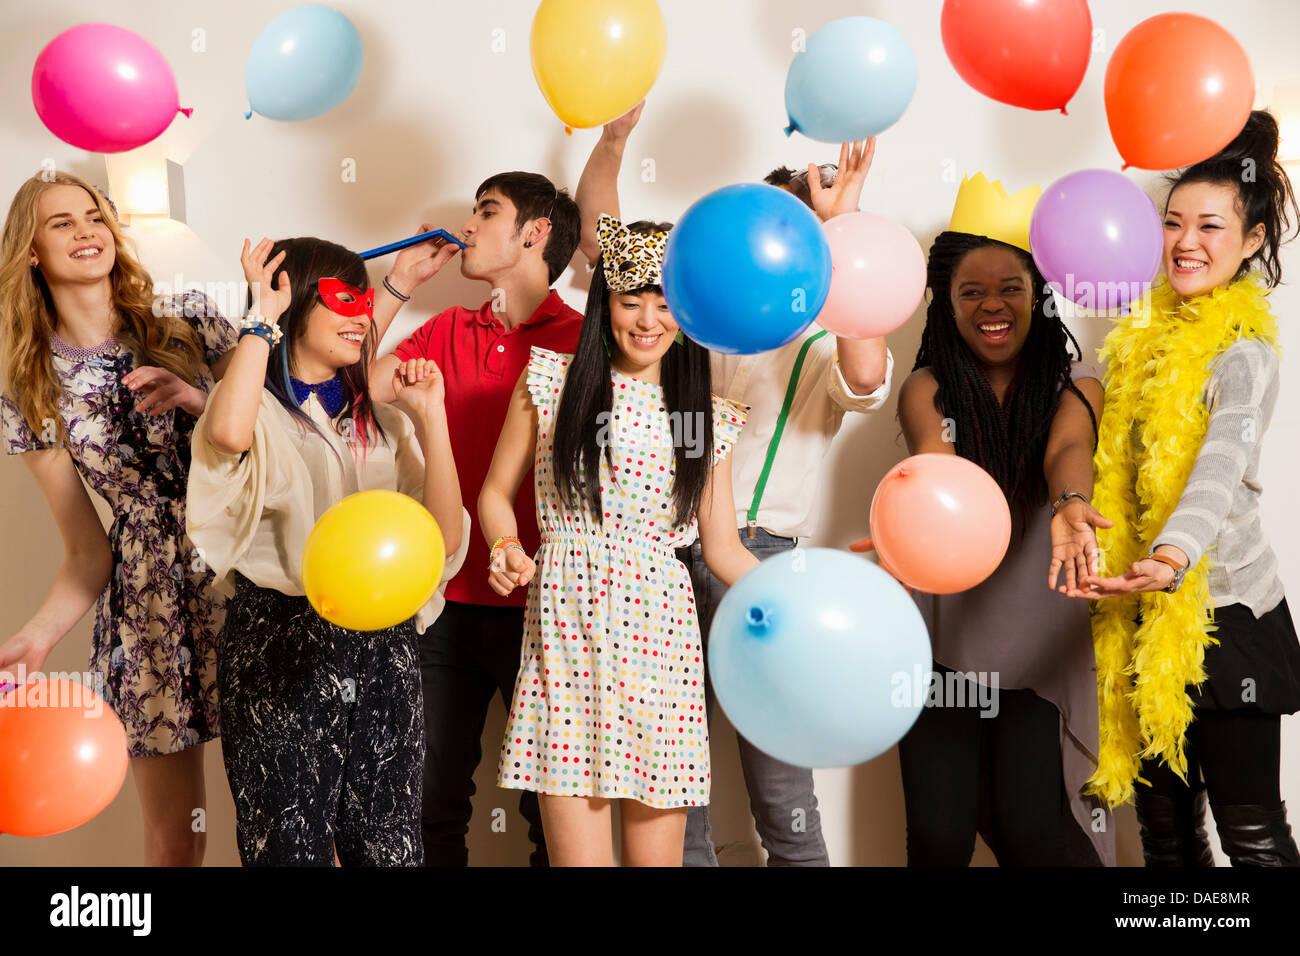 Mis amigos a una fiesta con globos, Foto de estudio Imagen De Stock